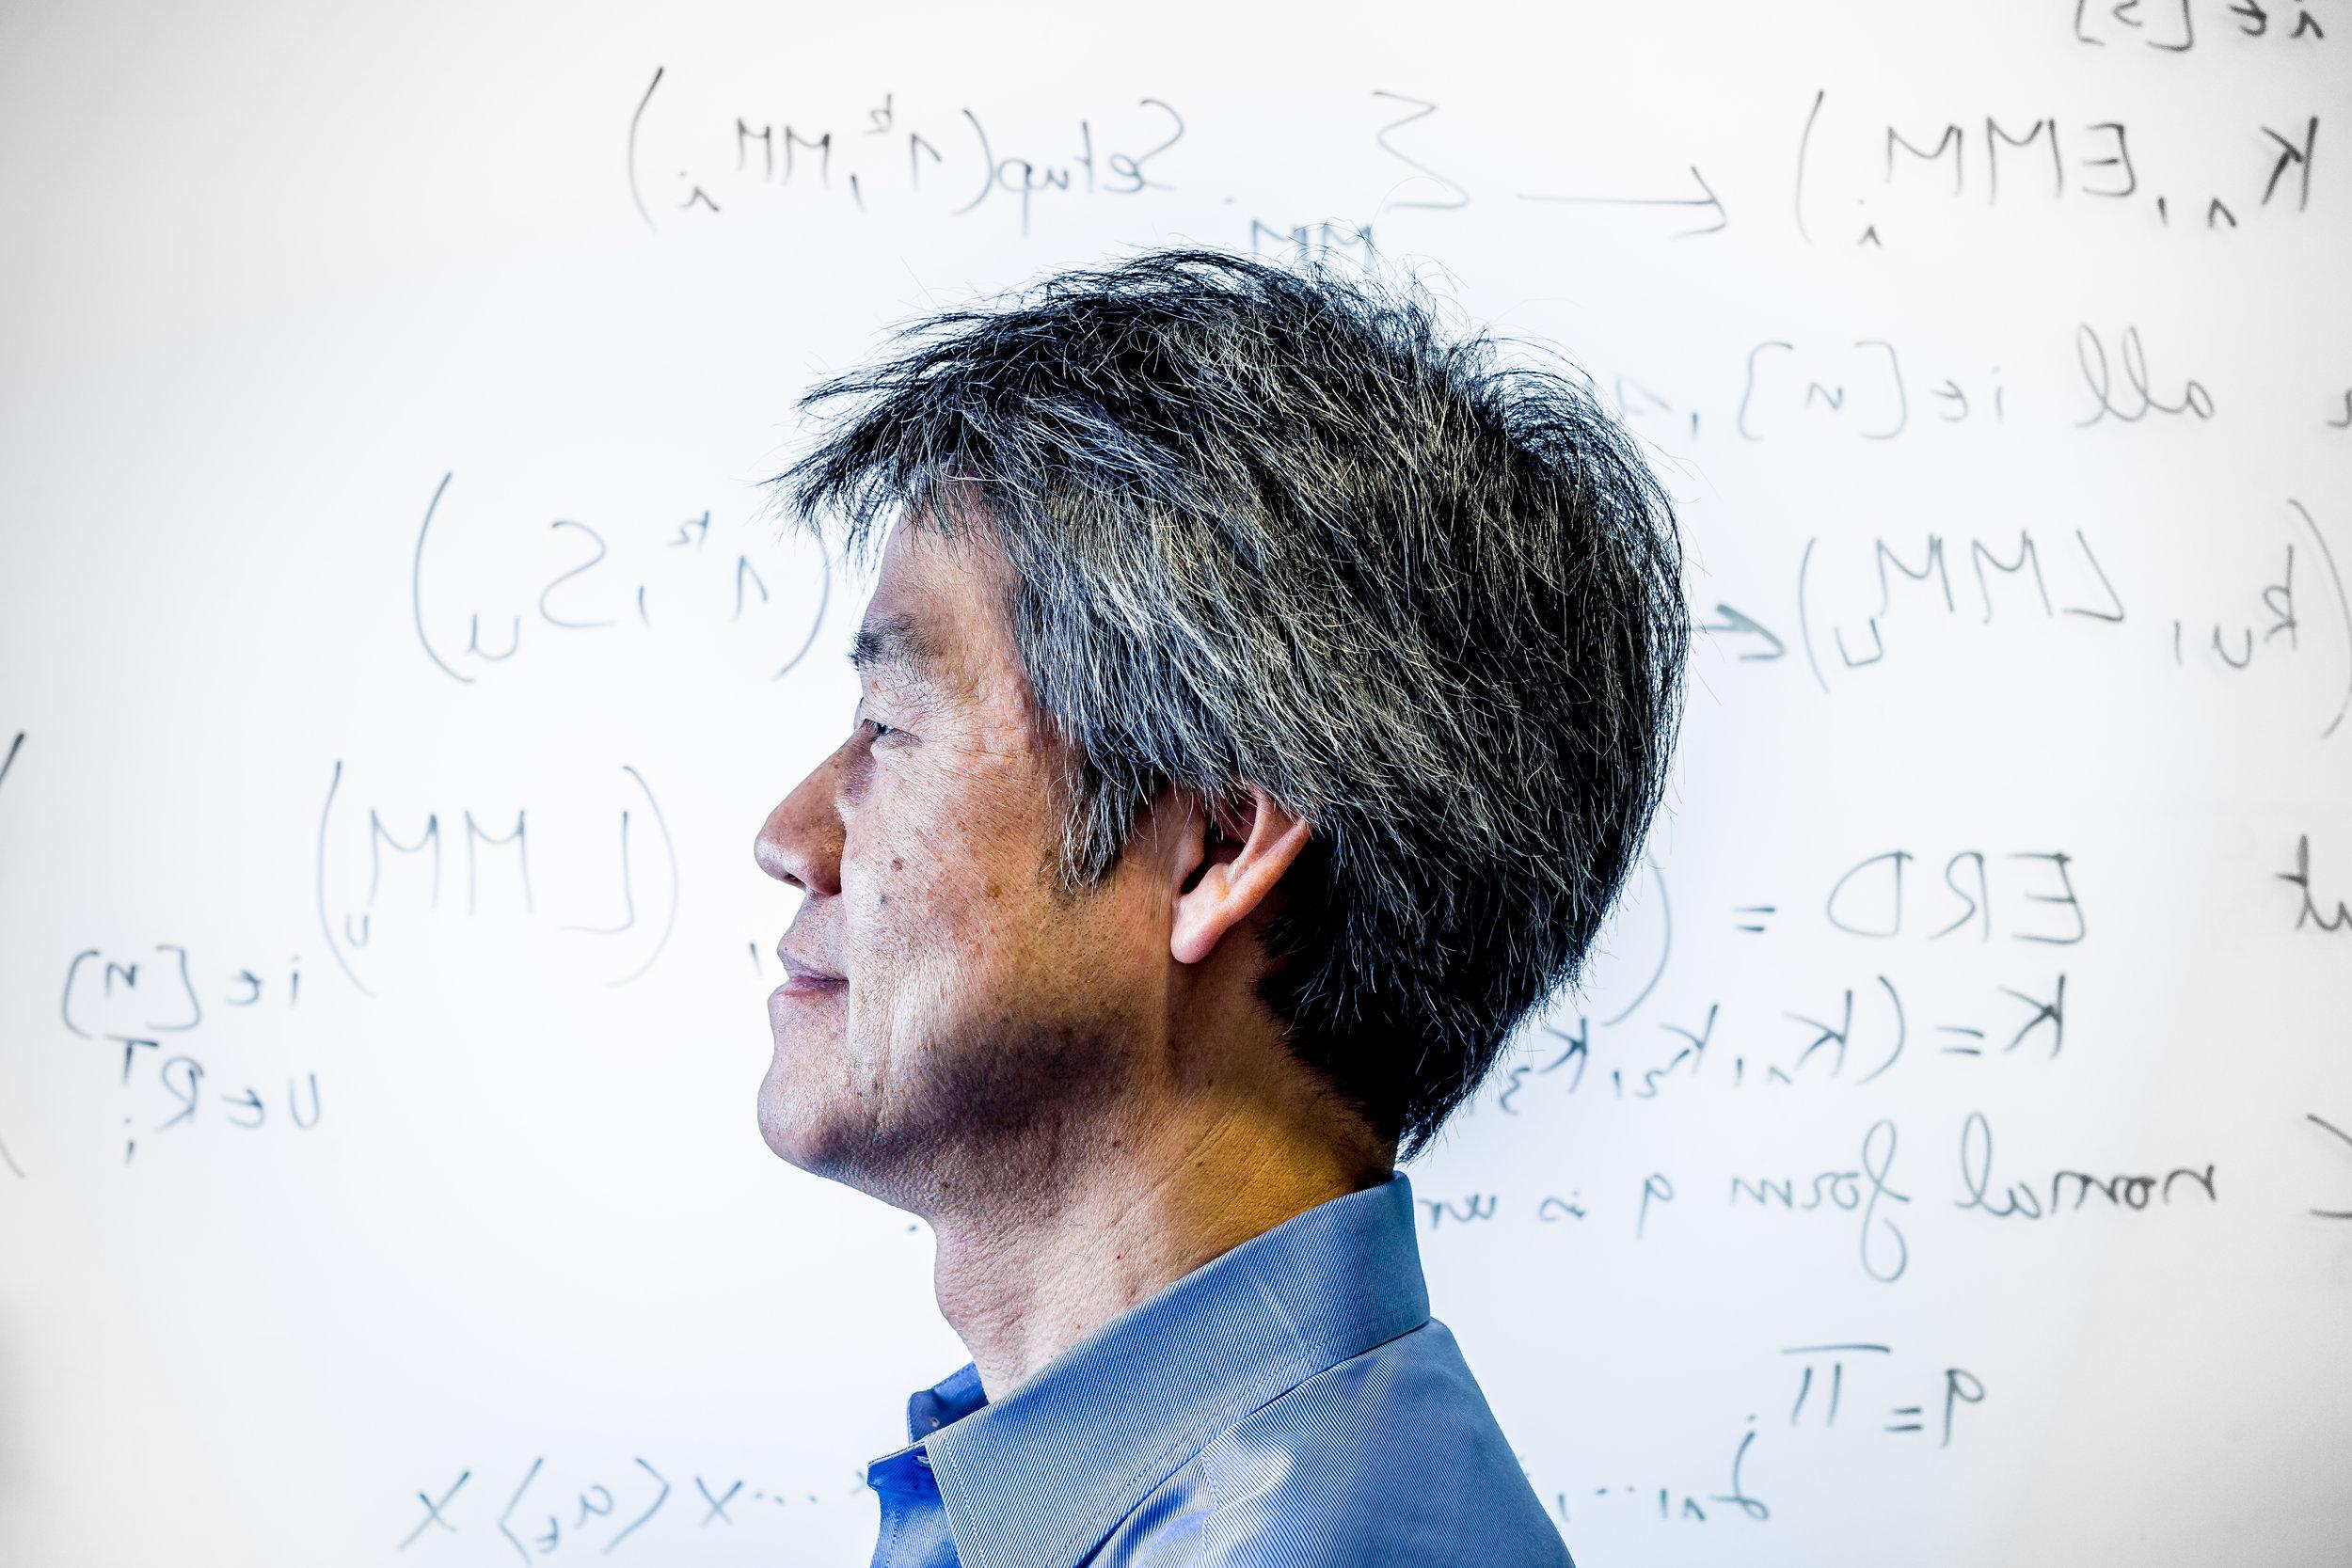 Peter-Lee-Microsoft-07.JPG